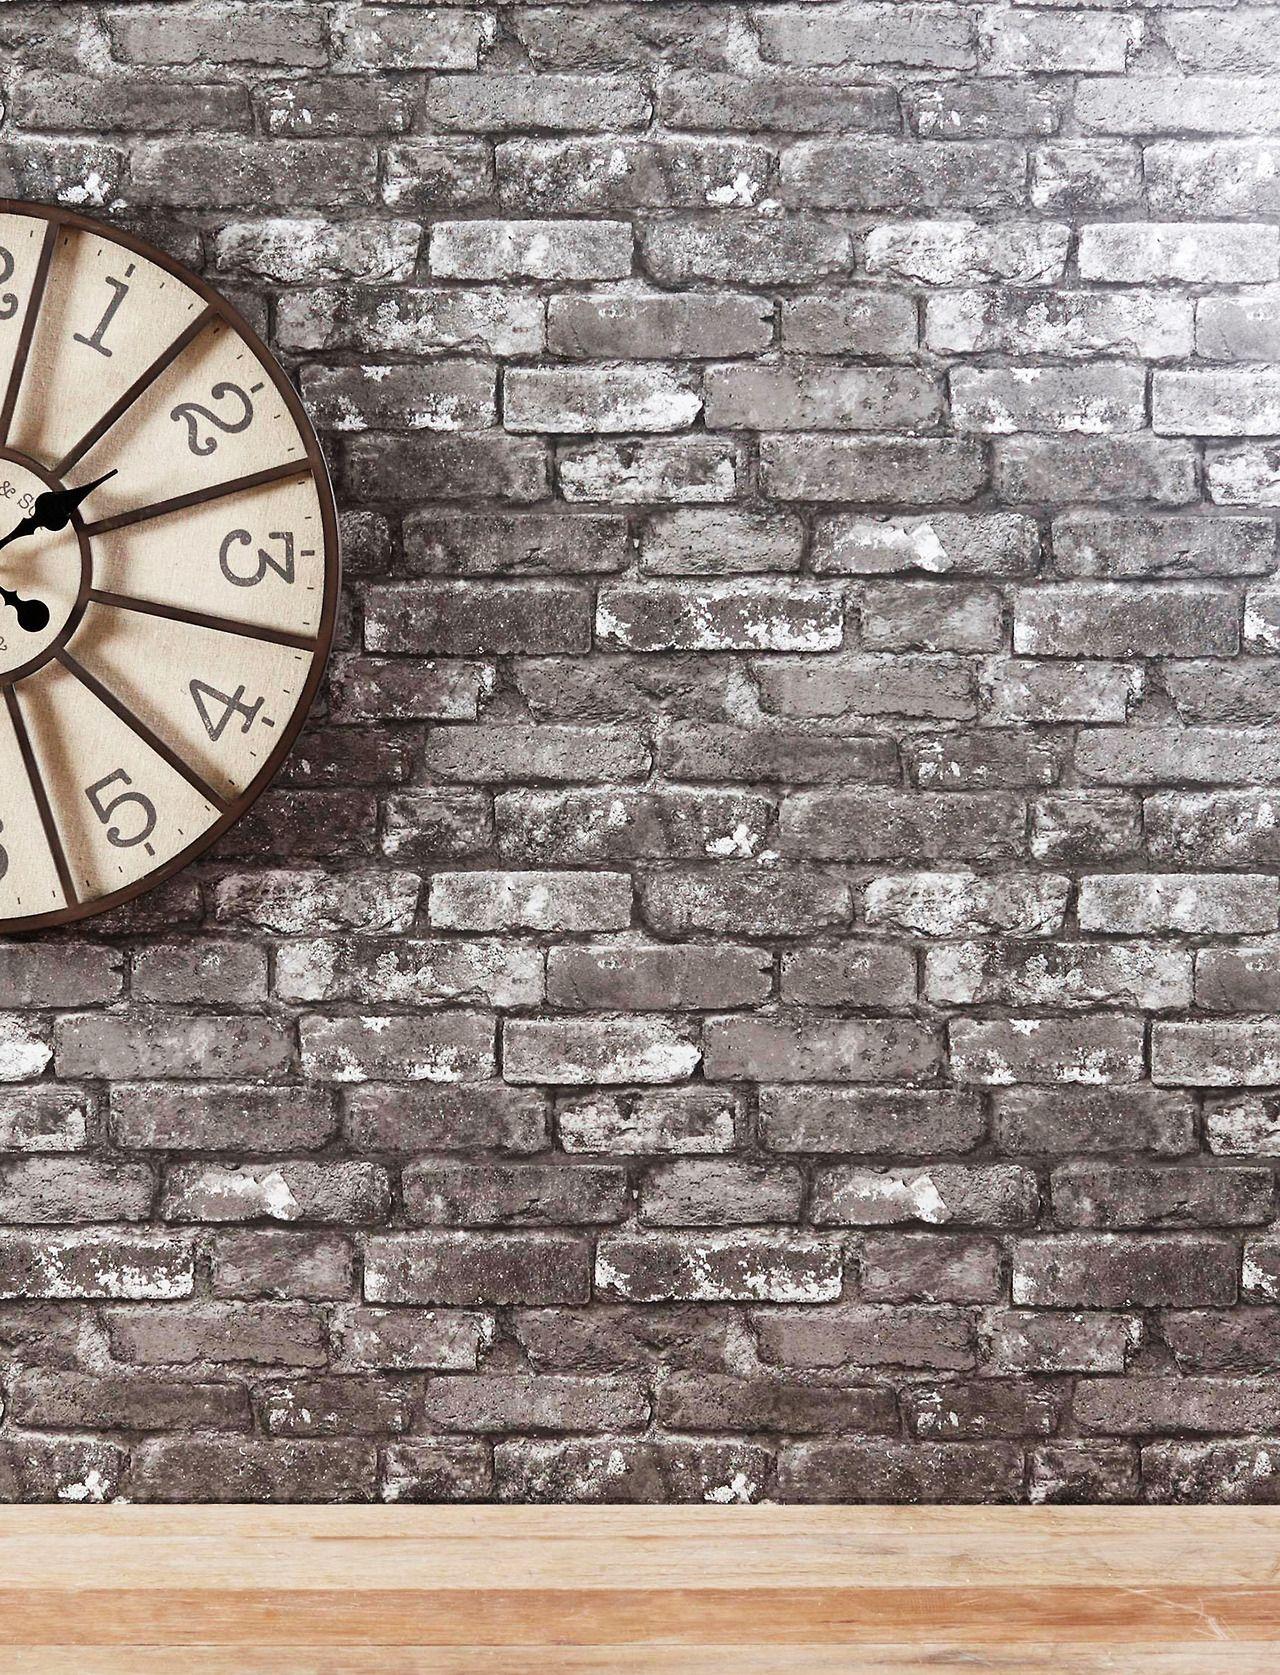 Grey Brick Wallpaper From Next Shades Of Grey Brick Wallpaper